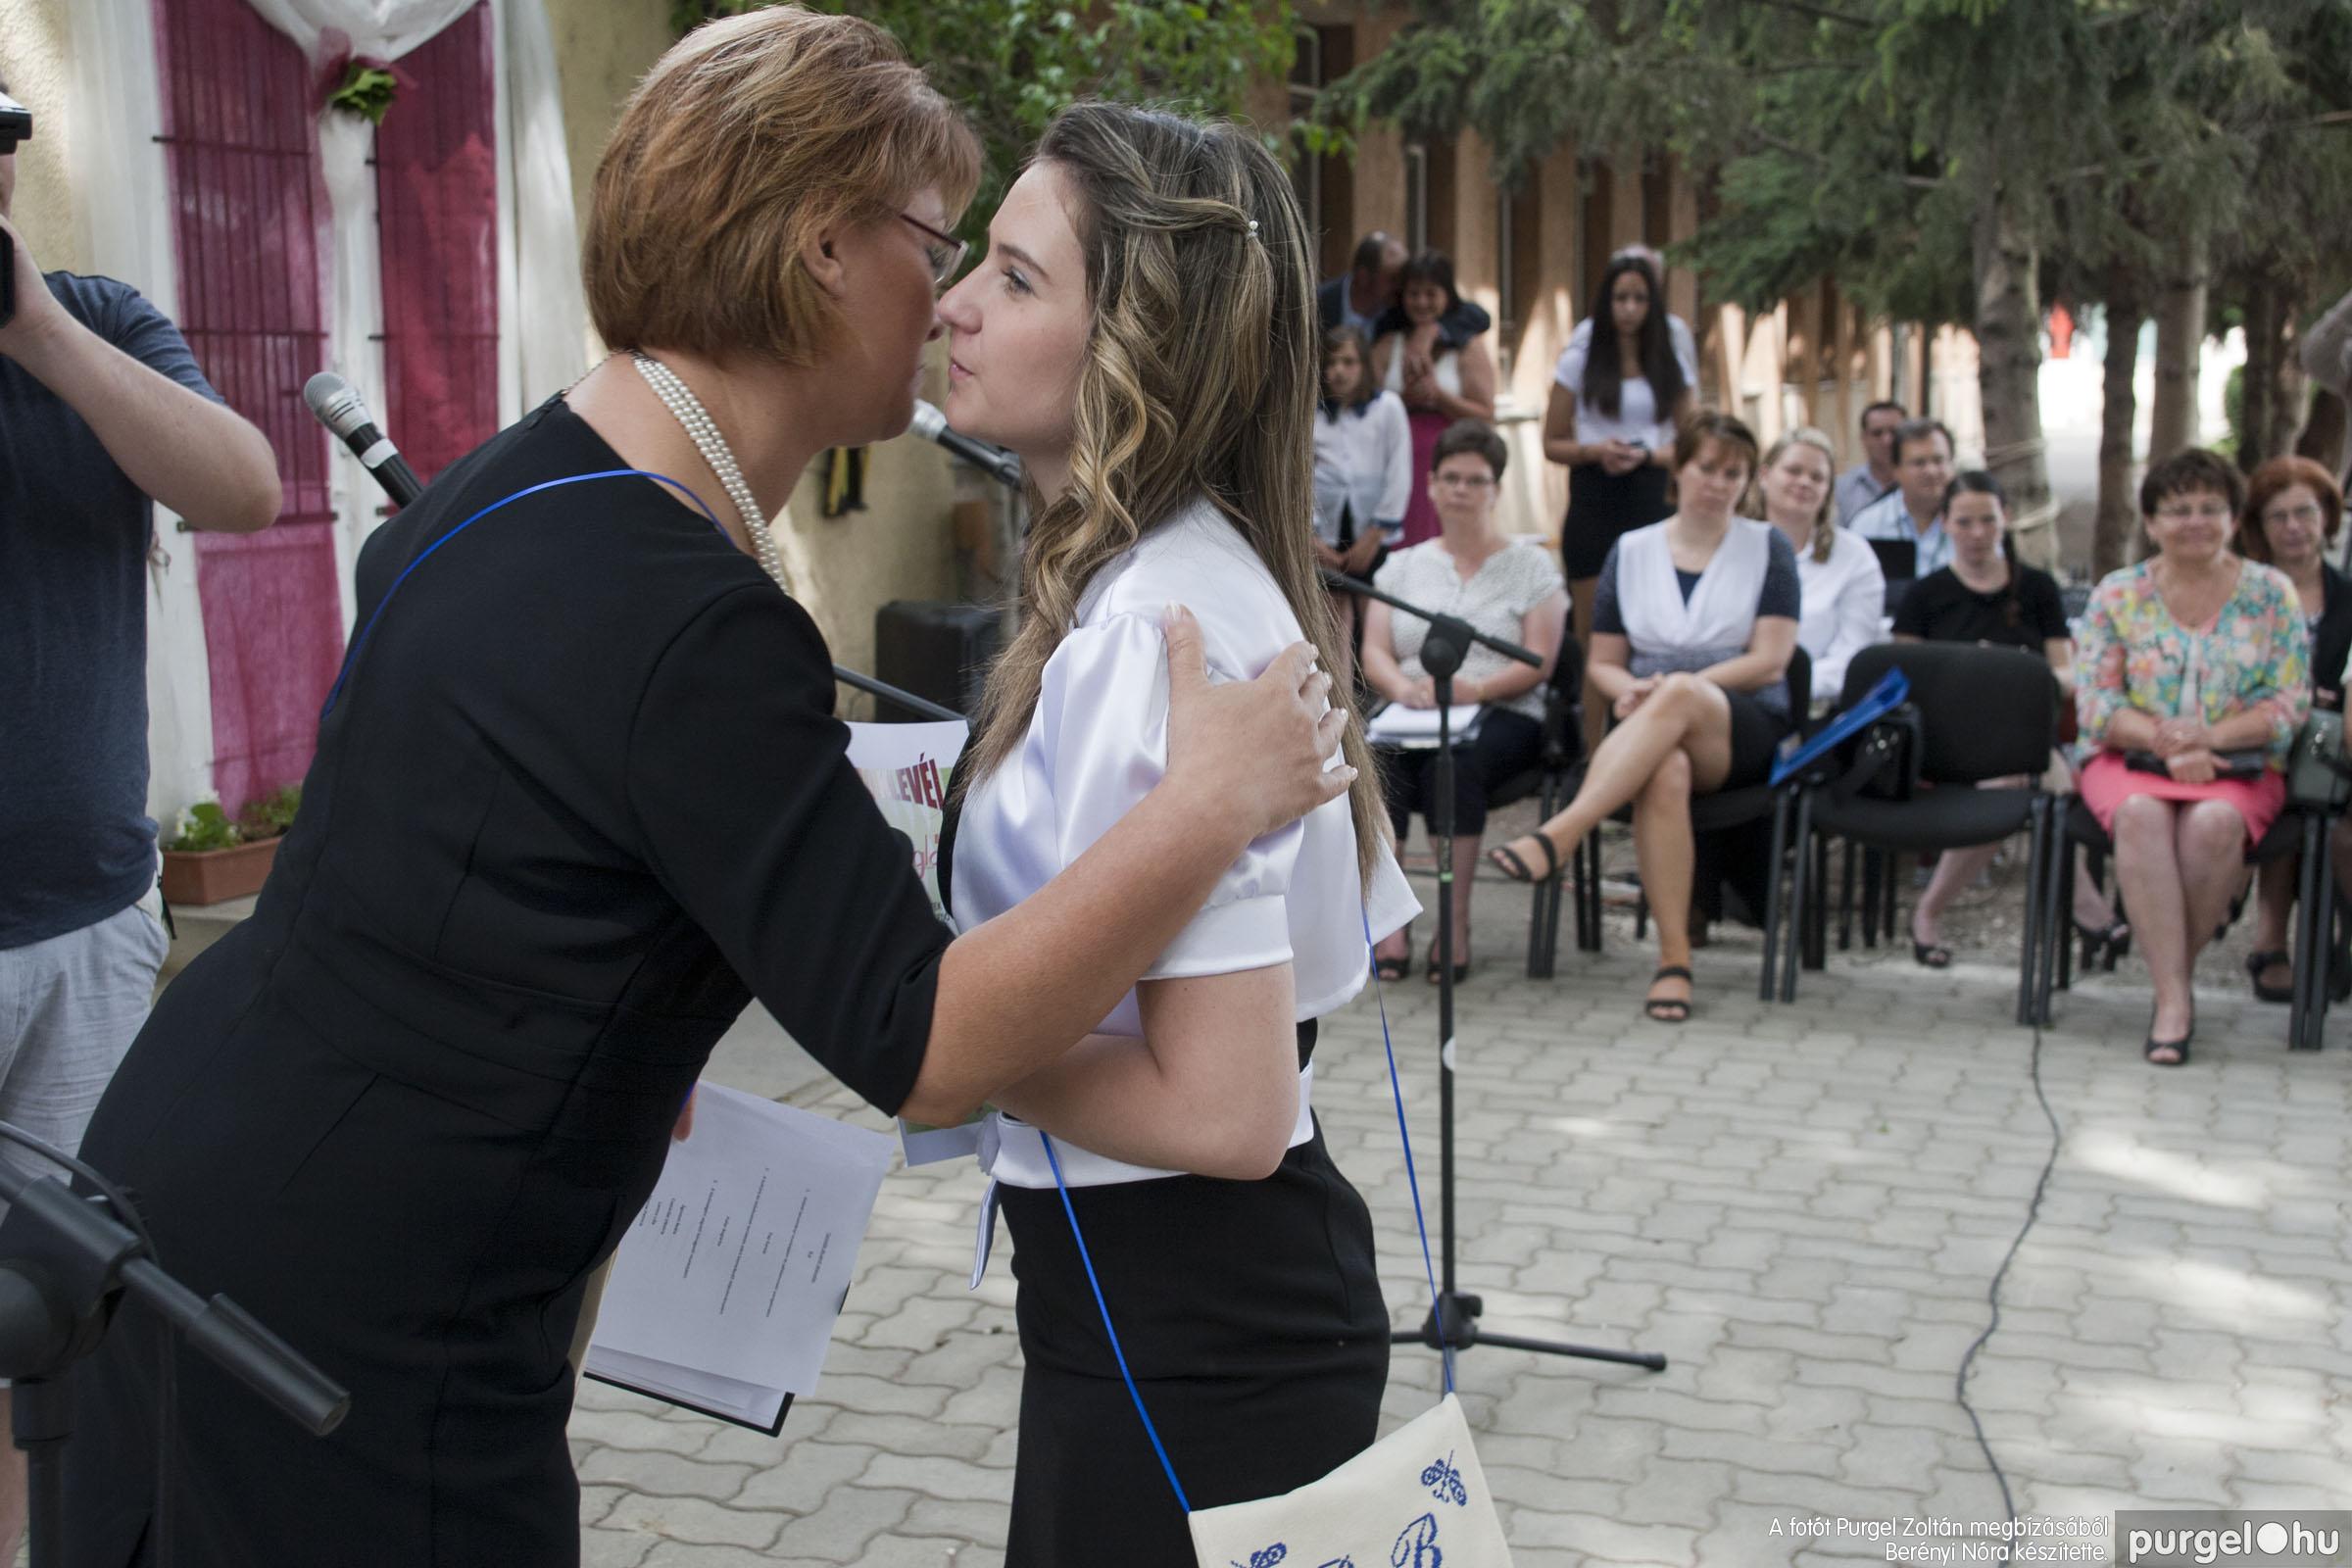 2014.06.14. 270 Forray Máté Általános Iskola ballagás 2014. - Fotó:BERÉNYI NÓRA© _MG_5958.jpg